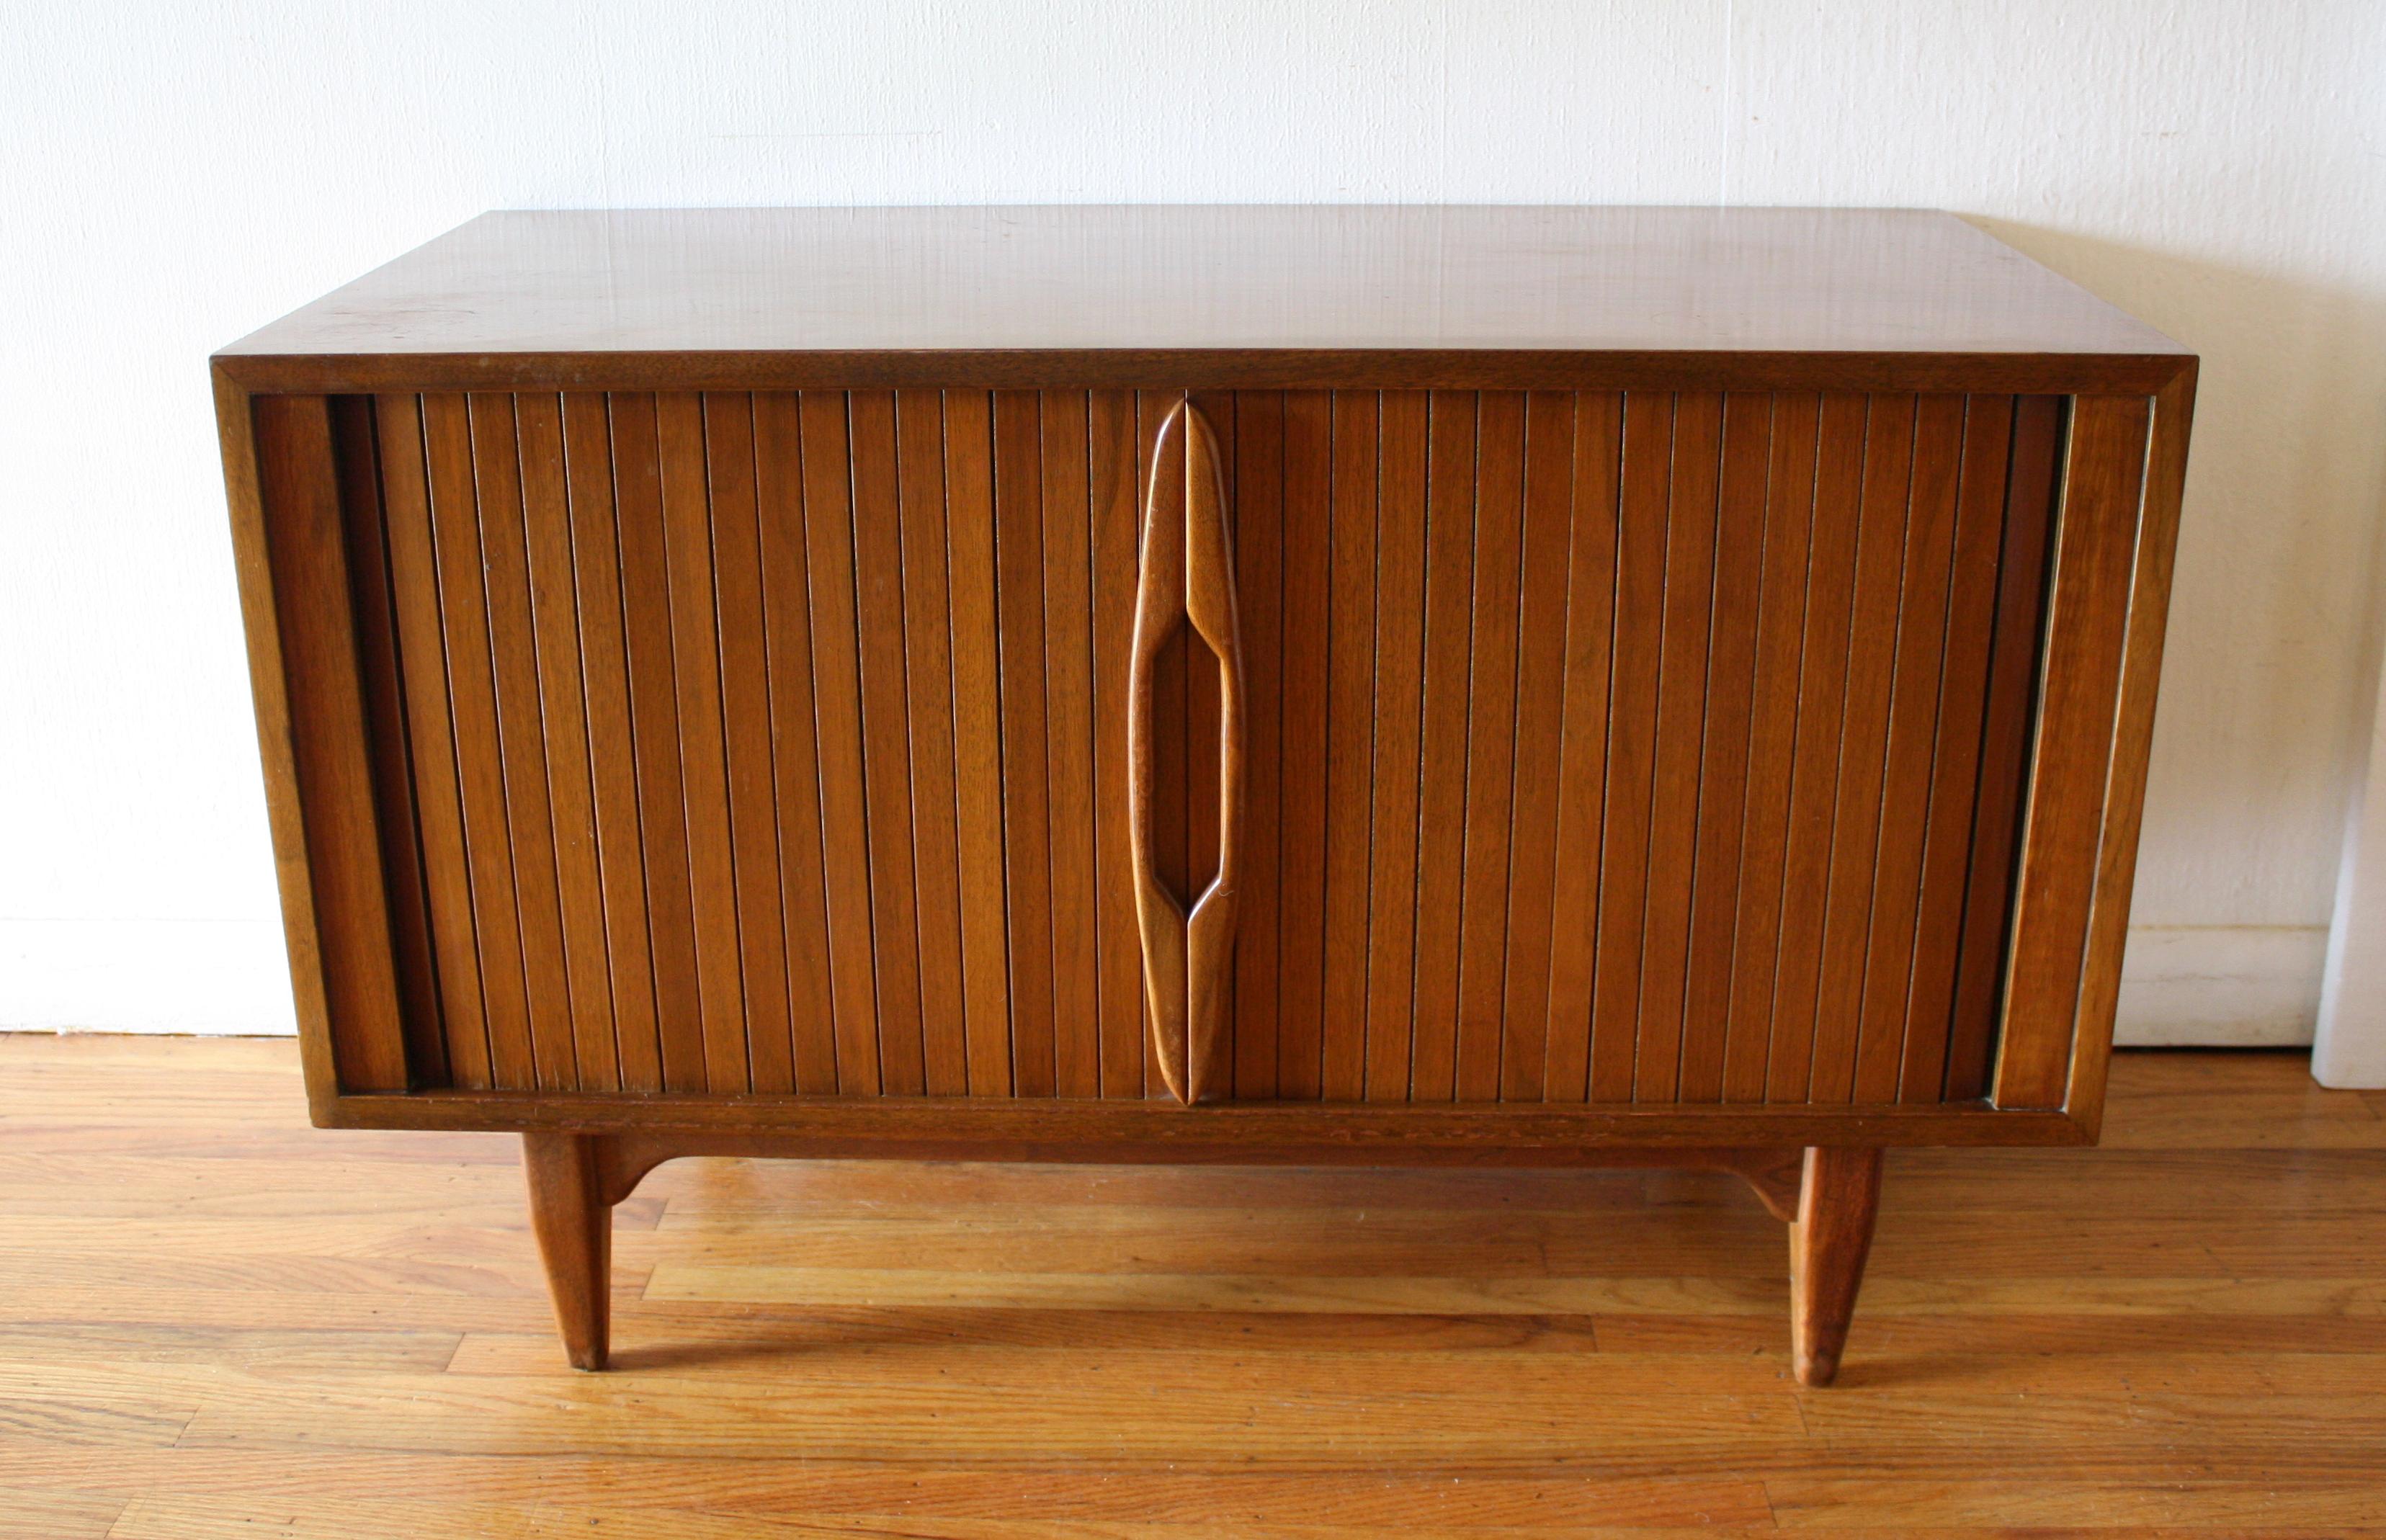 mcm tambour door record cabinet 1.JPG